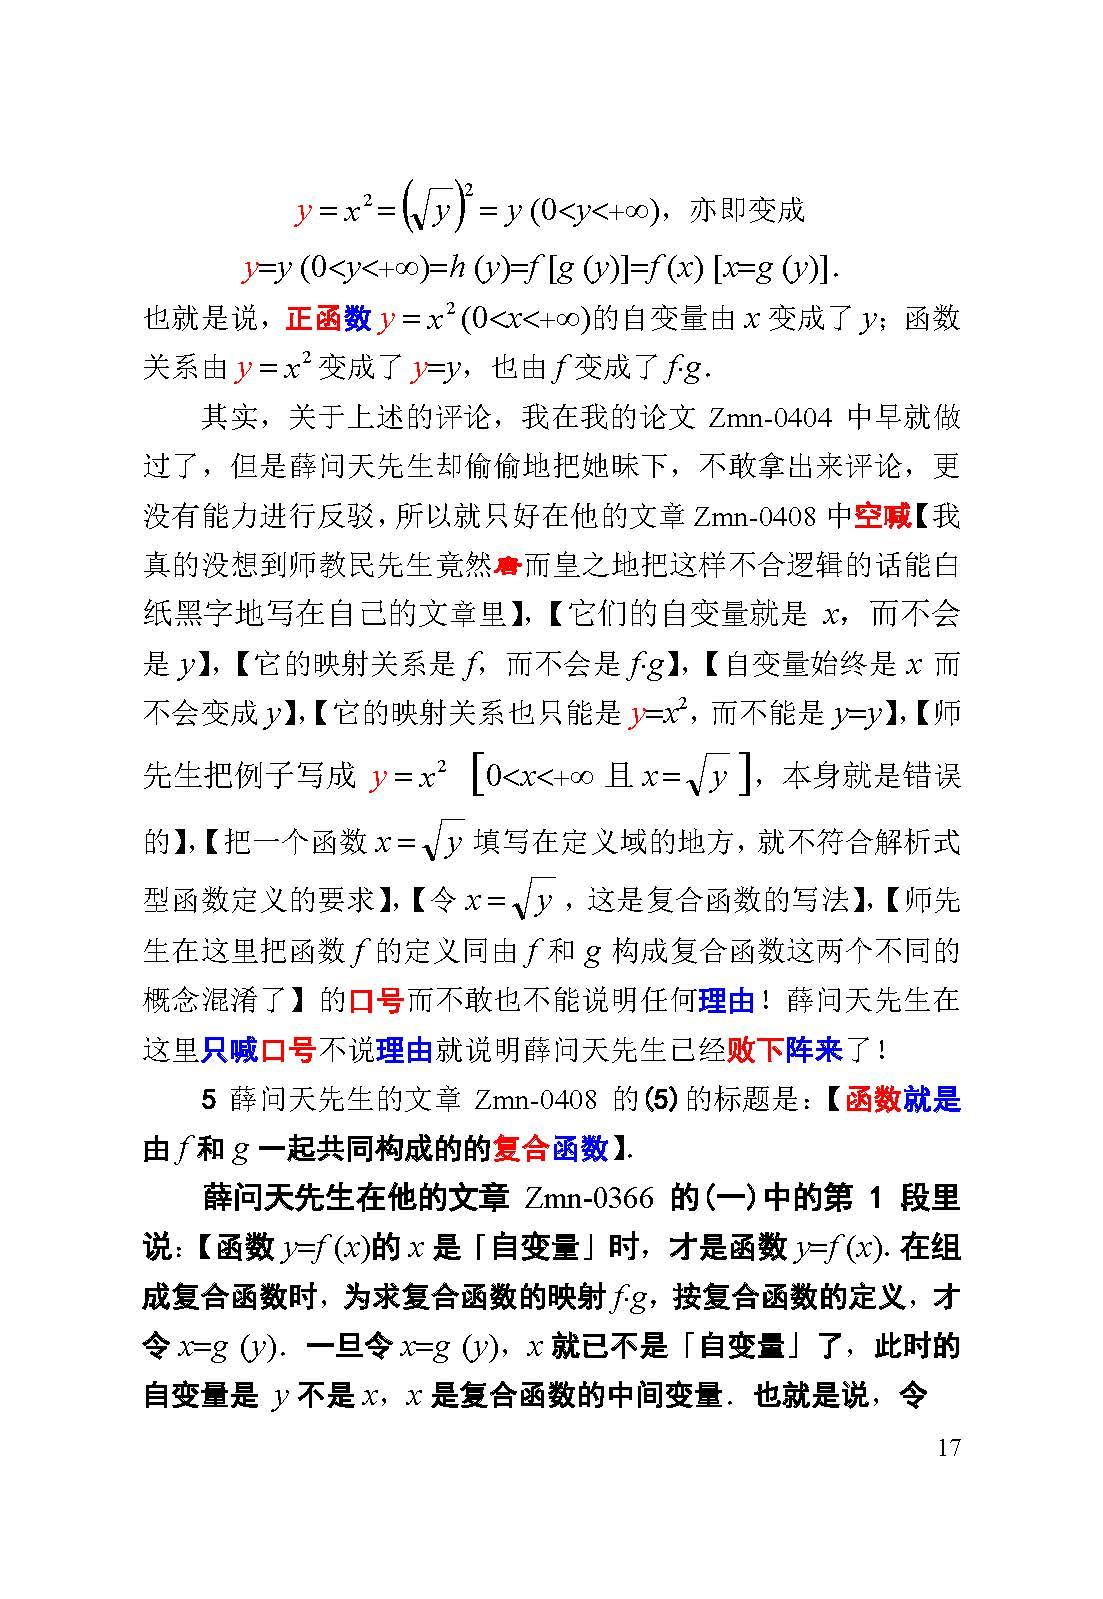 评薛问天先生的文章0408_页面_17.jpg